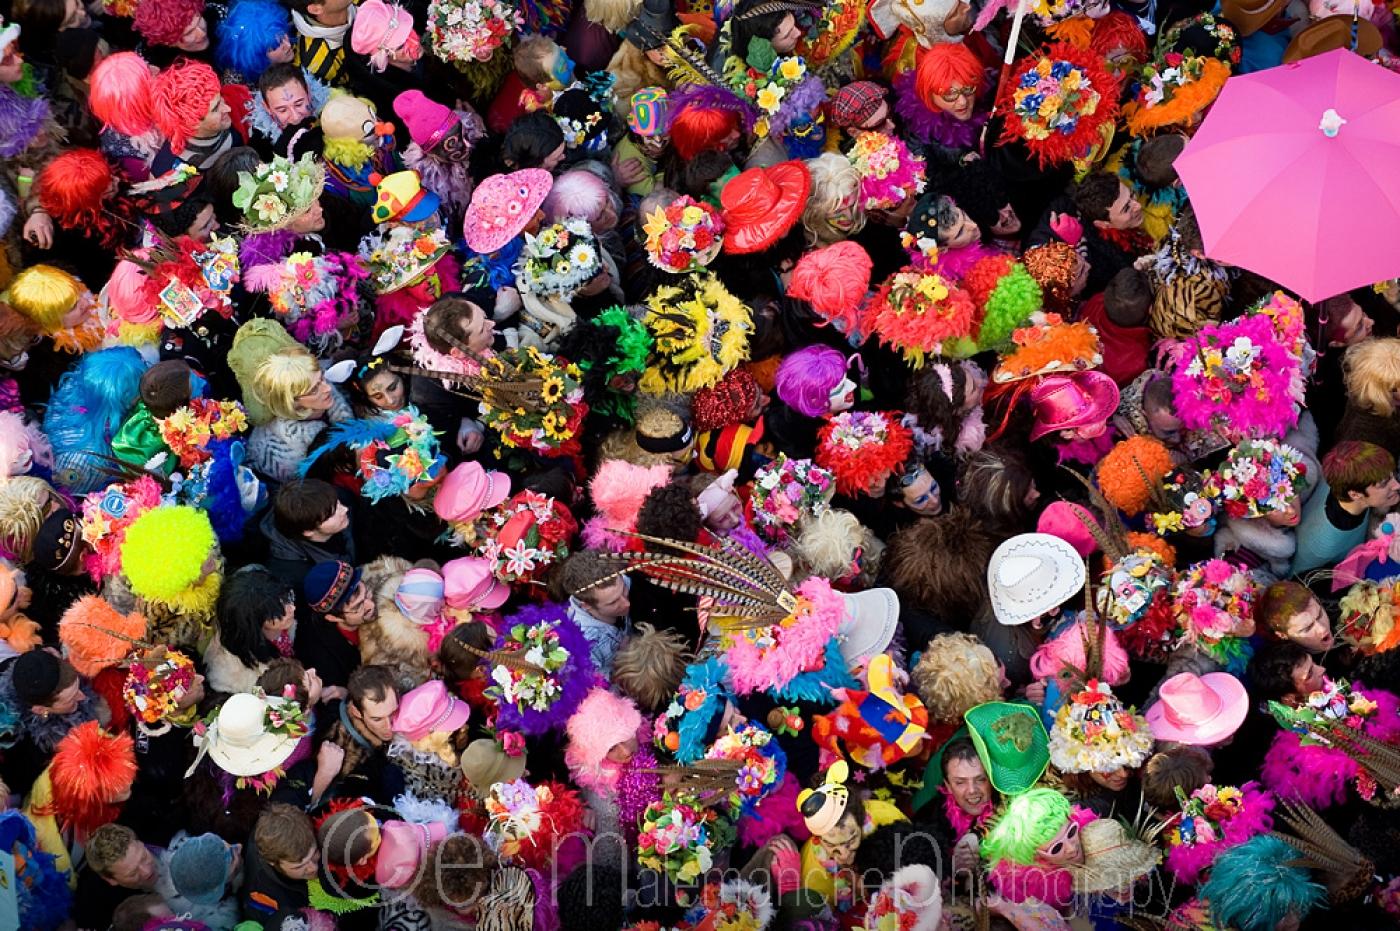 https://www.ericmalemanche.com/imagess/topics/carnaval-de-dunkerque/liste/Carnaval-Dunkerque-0554.jpg